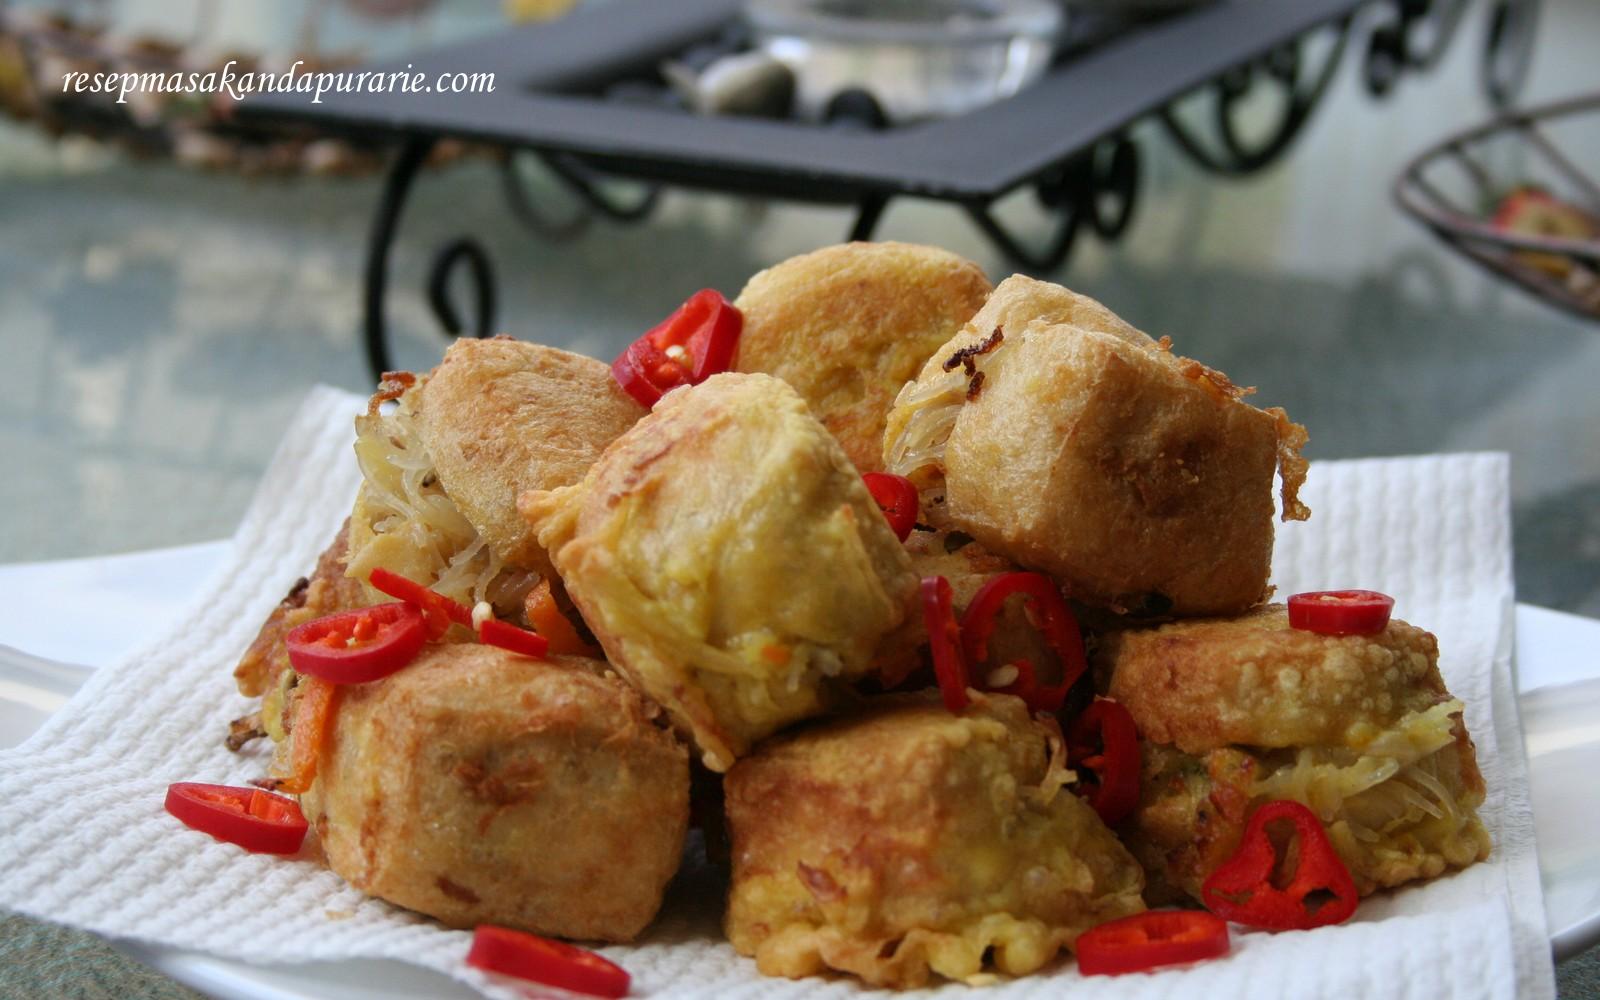 7 Resep Khas Vegetarian yang Gak Kalah Enak Dari Masakan Berisi Daging-dagingan